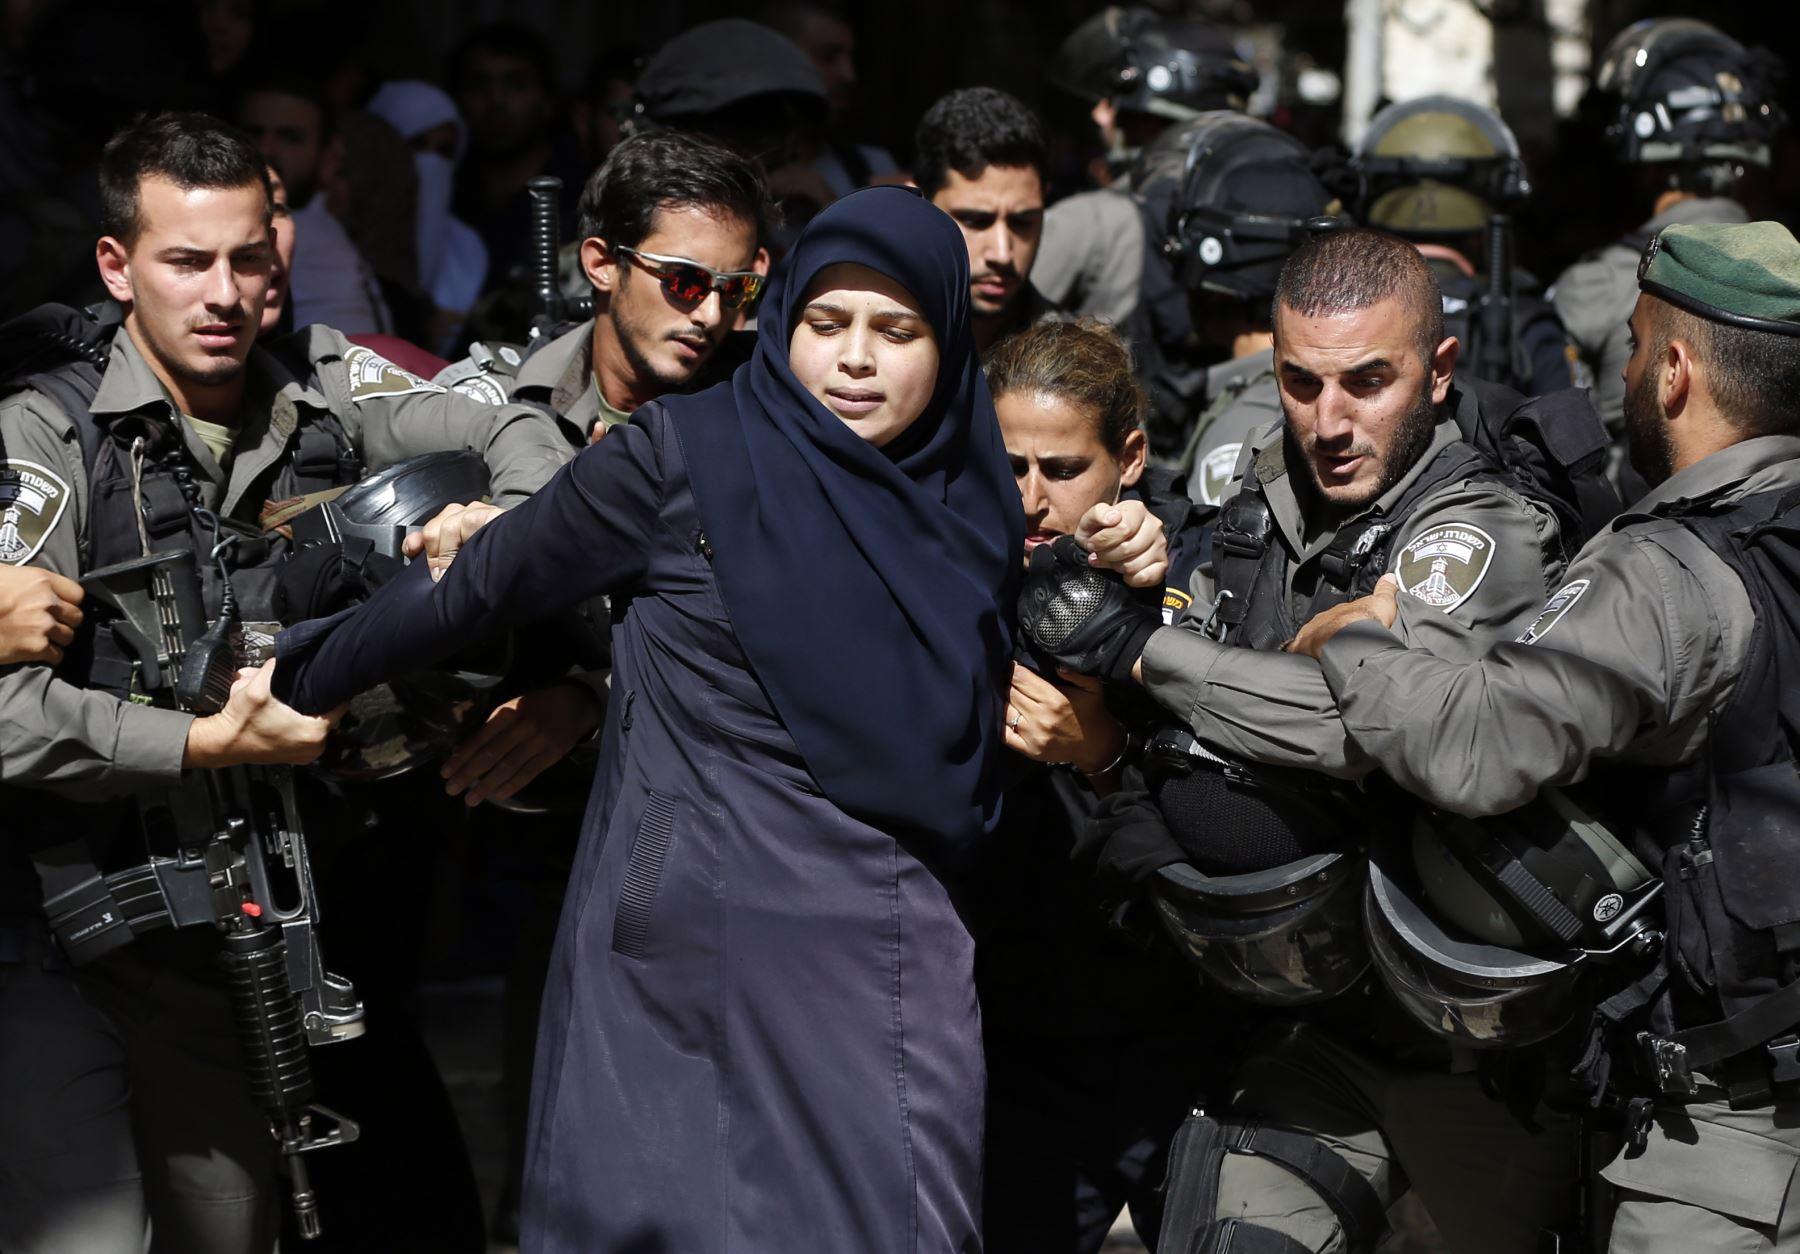 Las fuerzas de seguridad israelíes detienen a joven palestina durante enfrentamientos entre manifestantes palestinos y policías israelíes. Foto: AFP